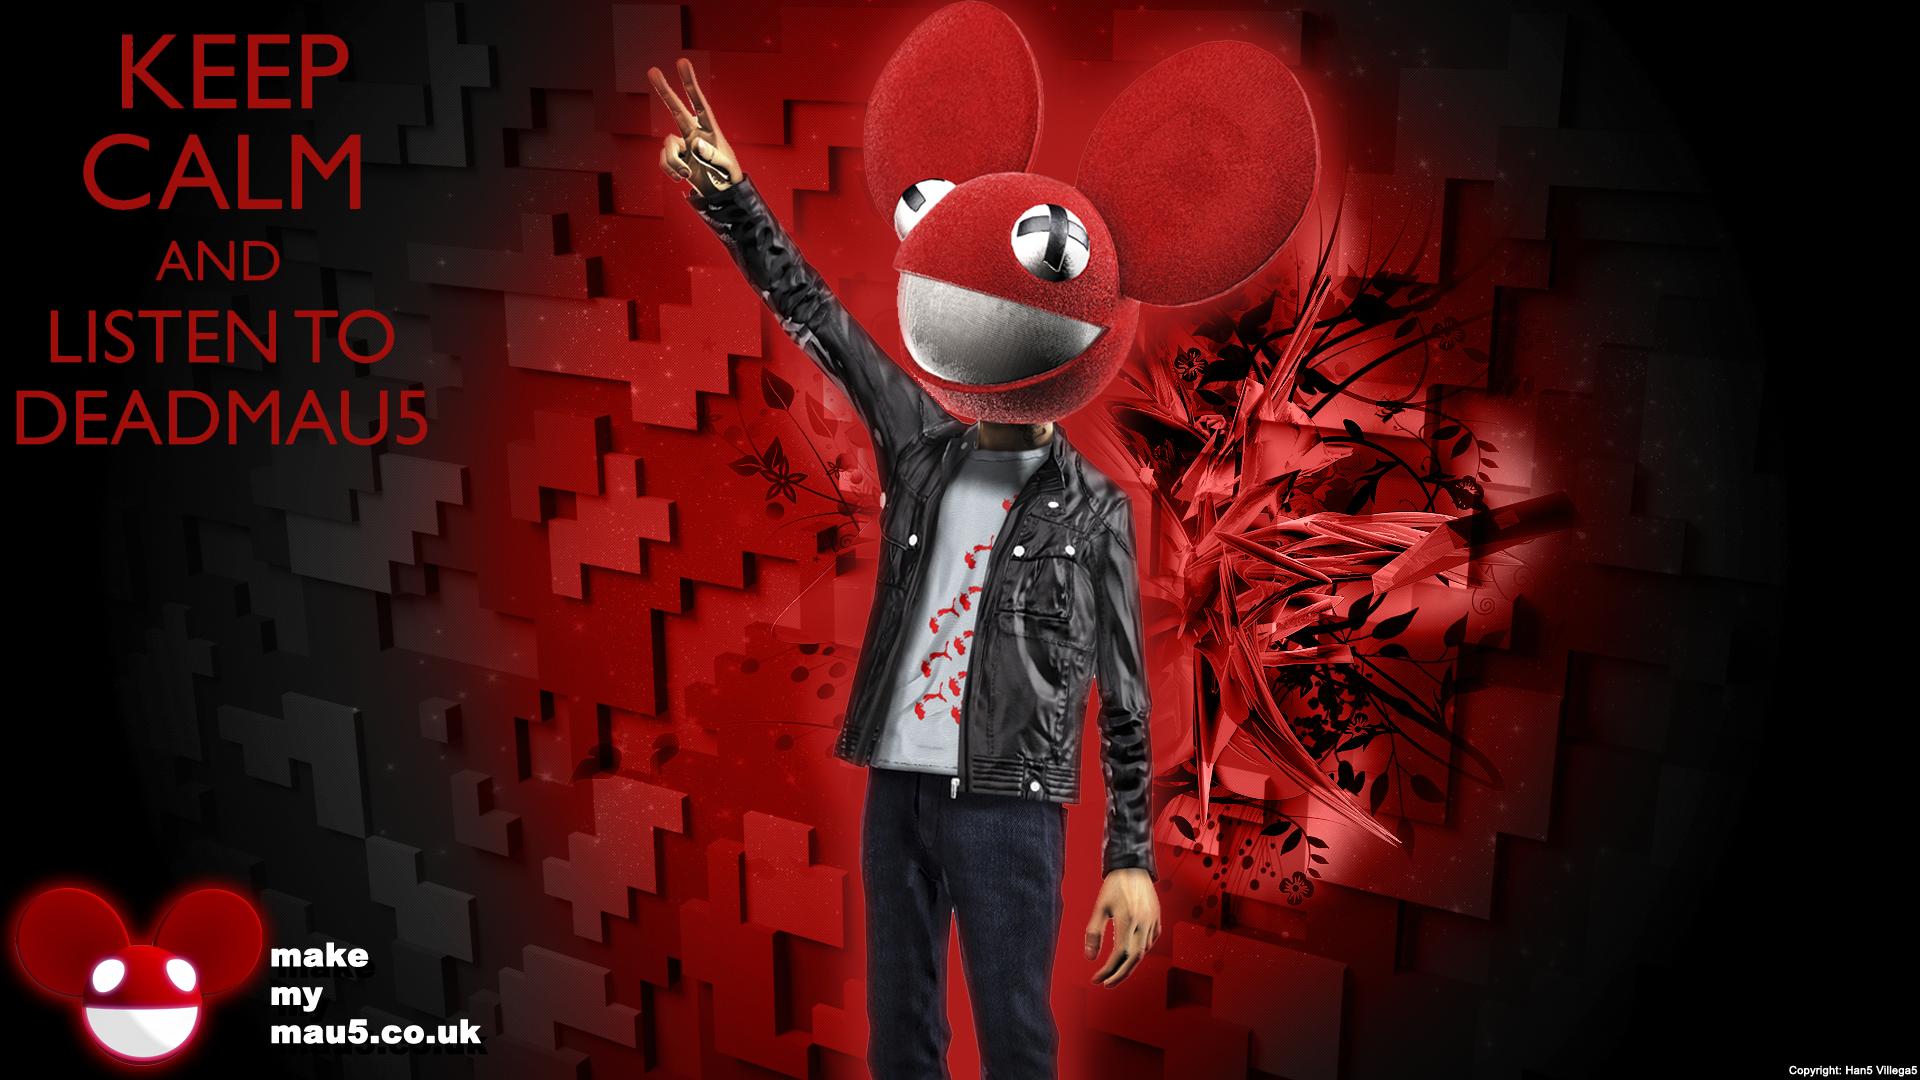 deadmau5 music red wallpaper - photo #37